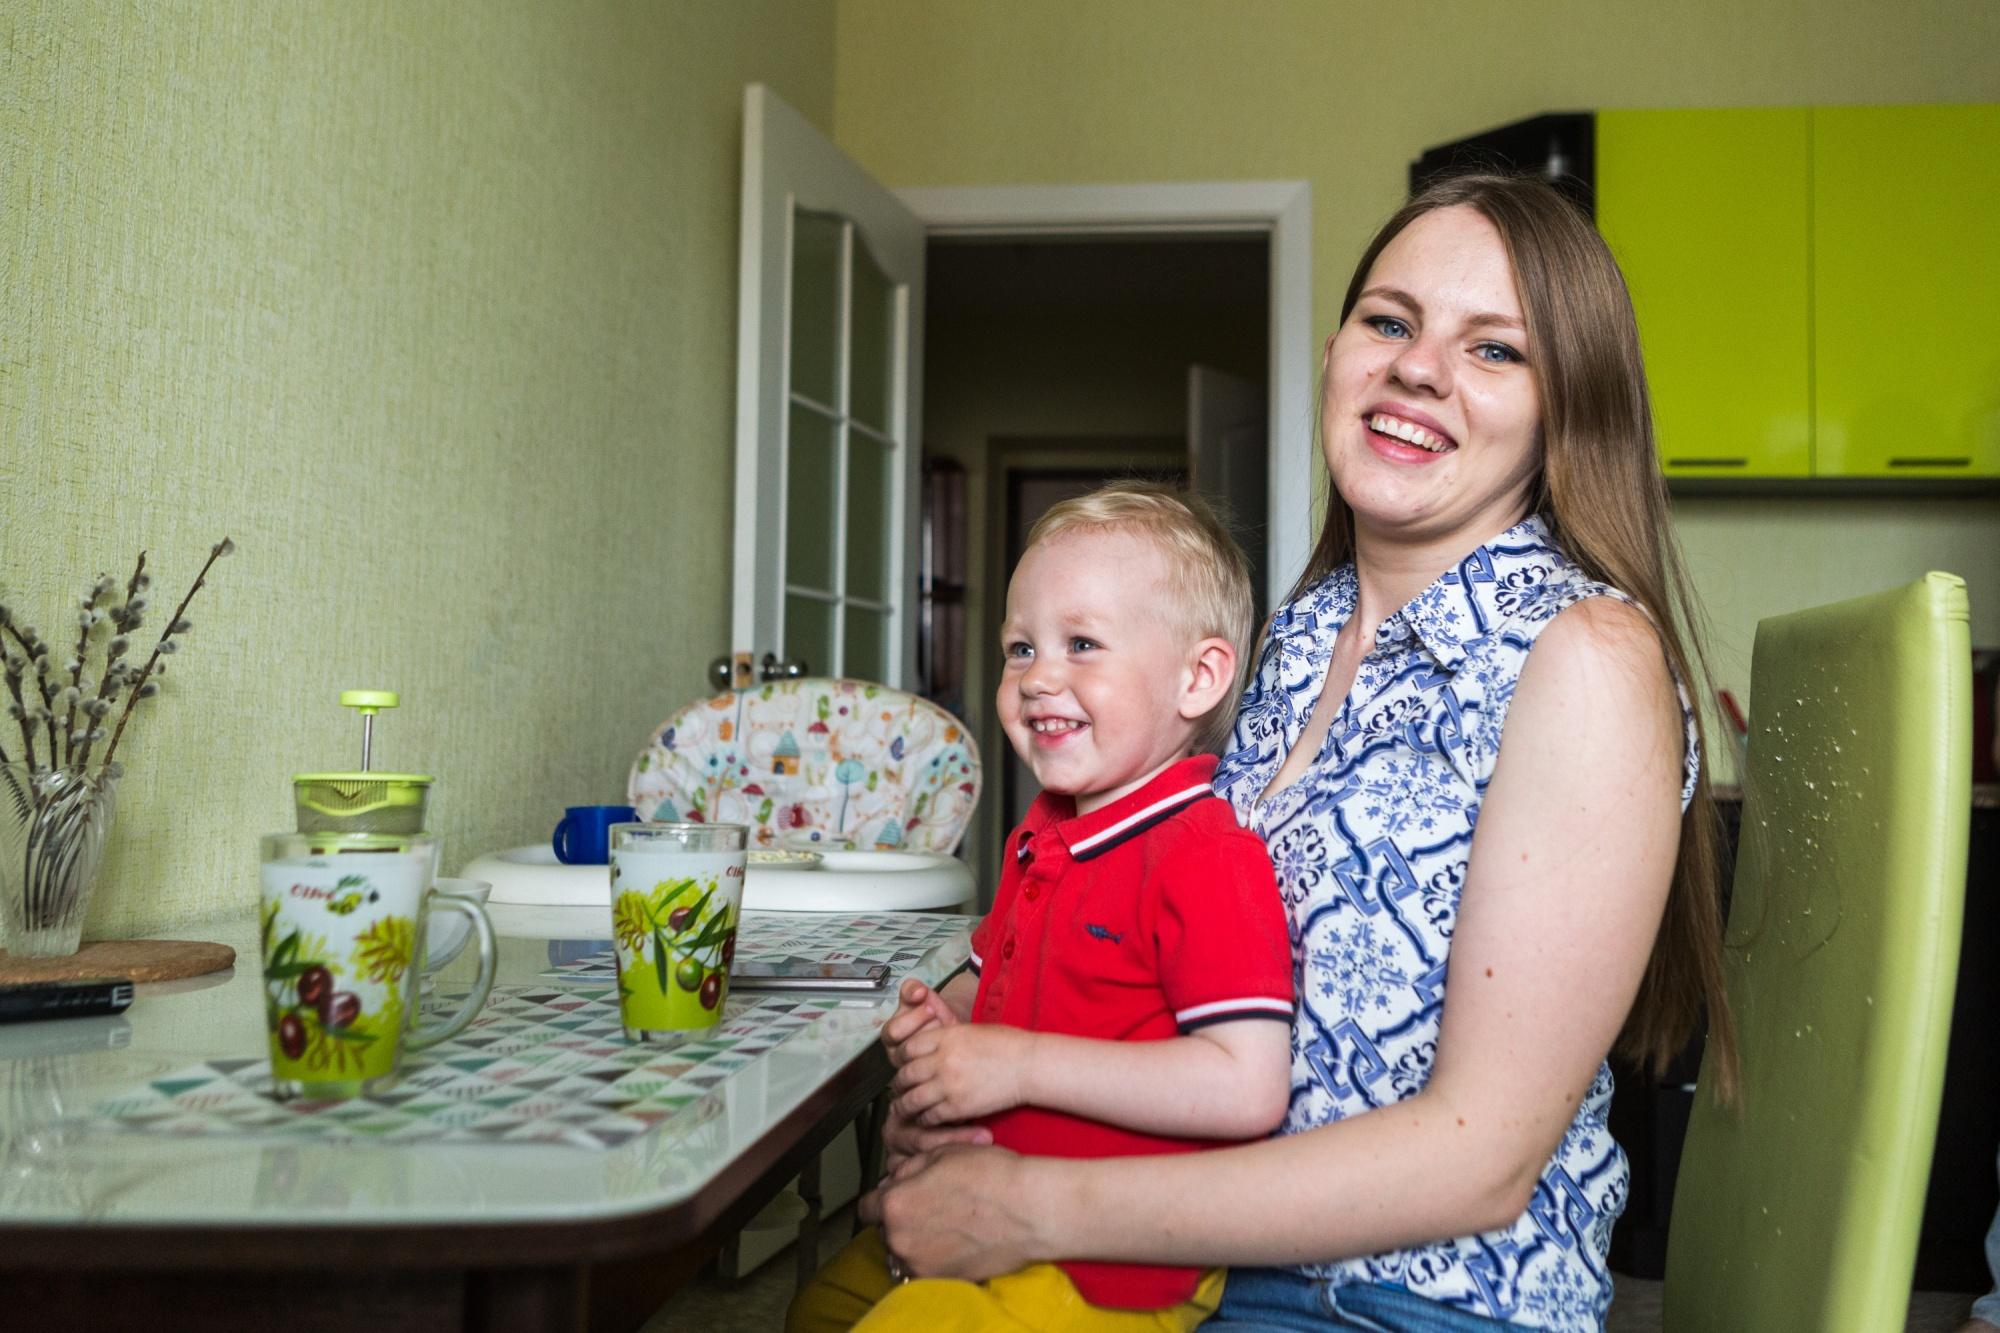 Бизнес на грызунках: сибирячка открыла производство игрушек, которые спасают от зубной боли